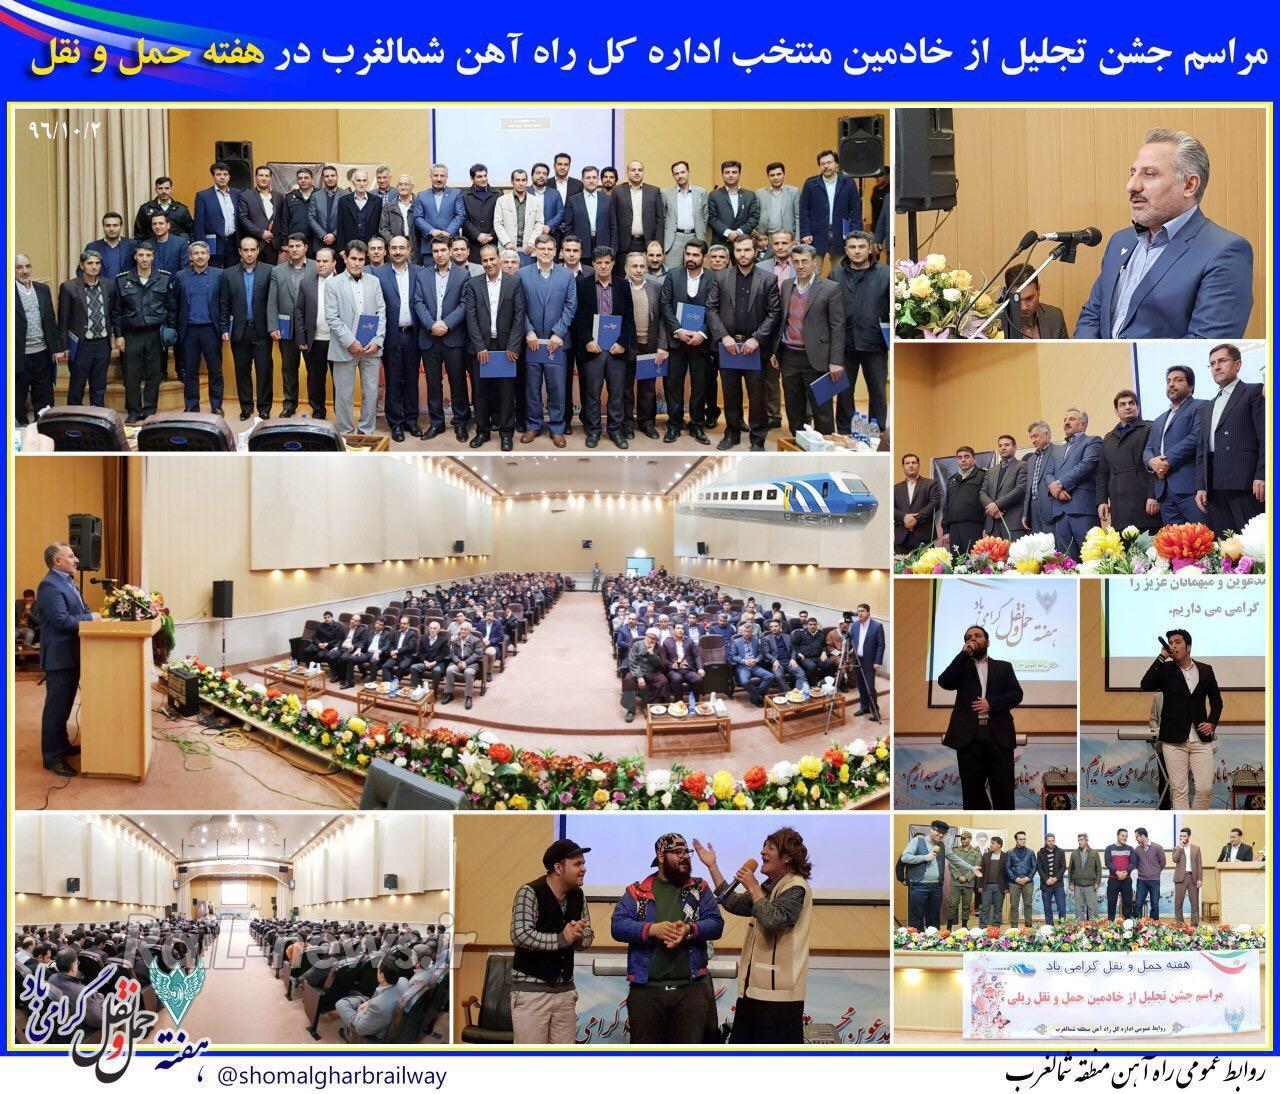 تجلیل از خادمین منتخب اداره کل راه آهن شمالغرب در هفته حمل و نقل